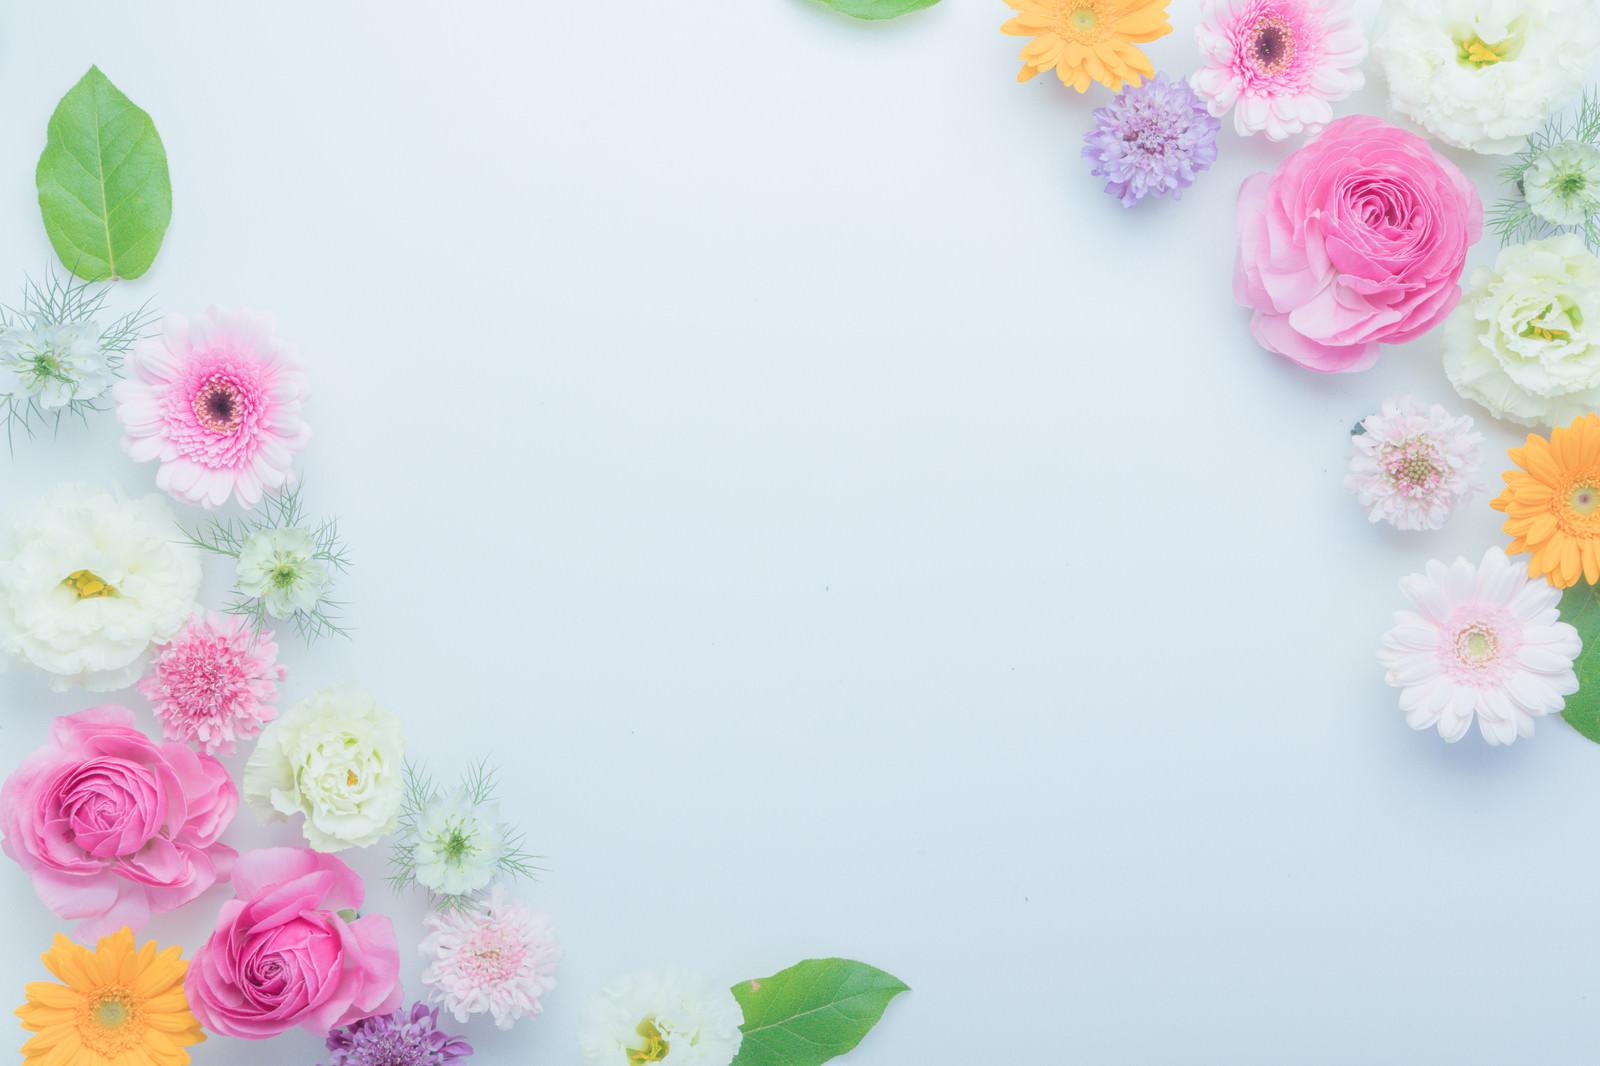 「お花とホワイトボード」の写真